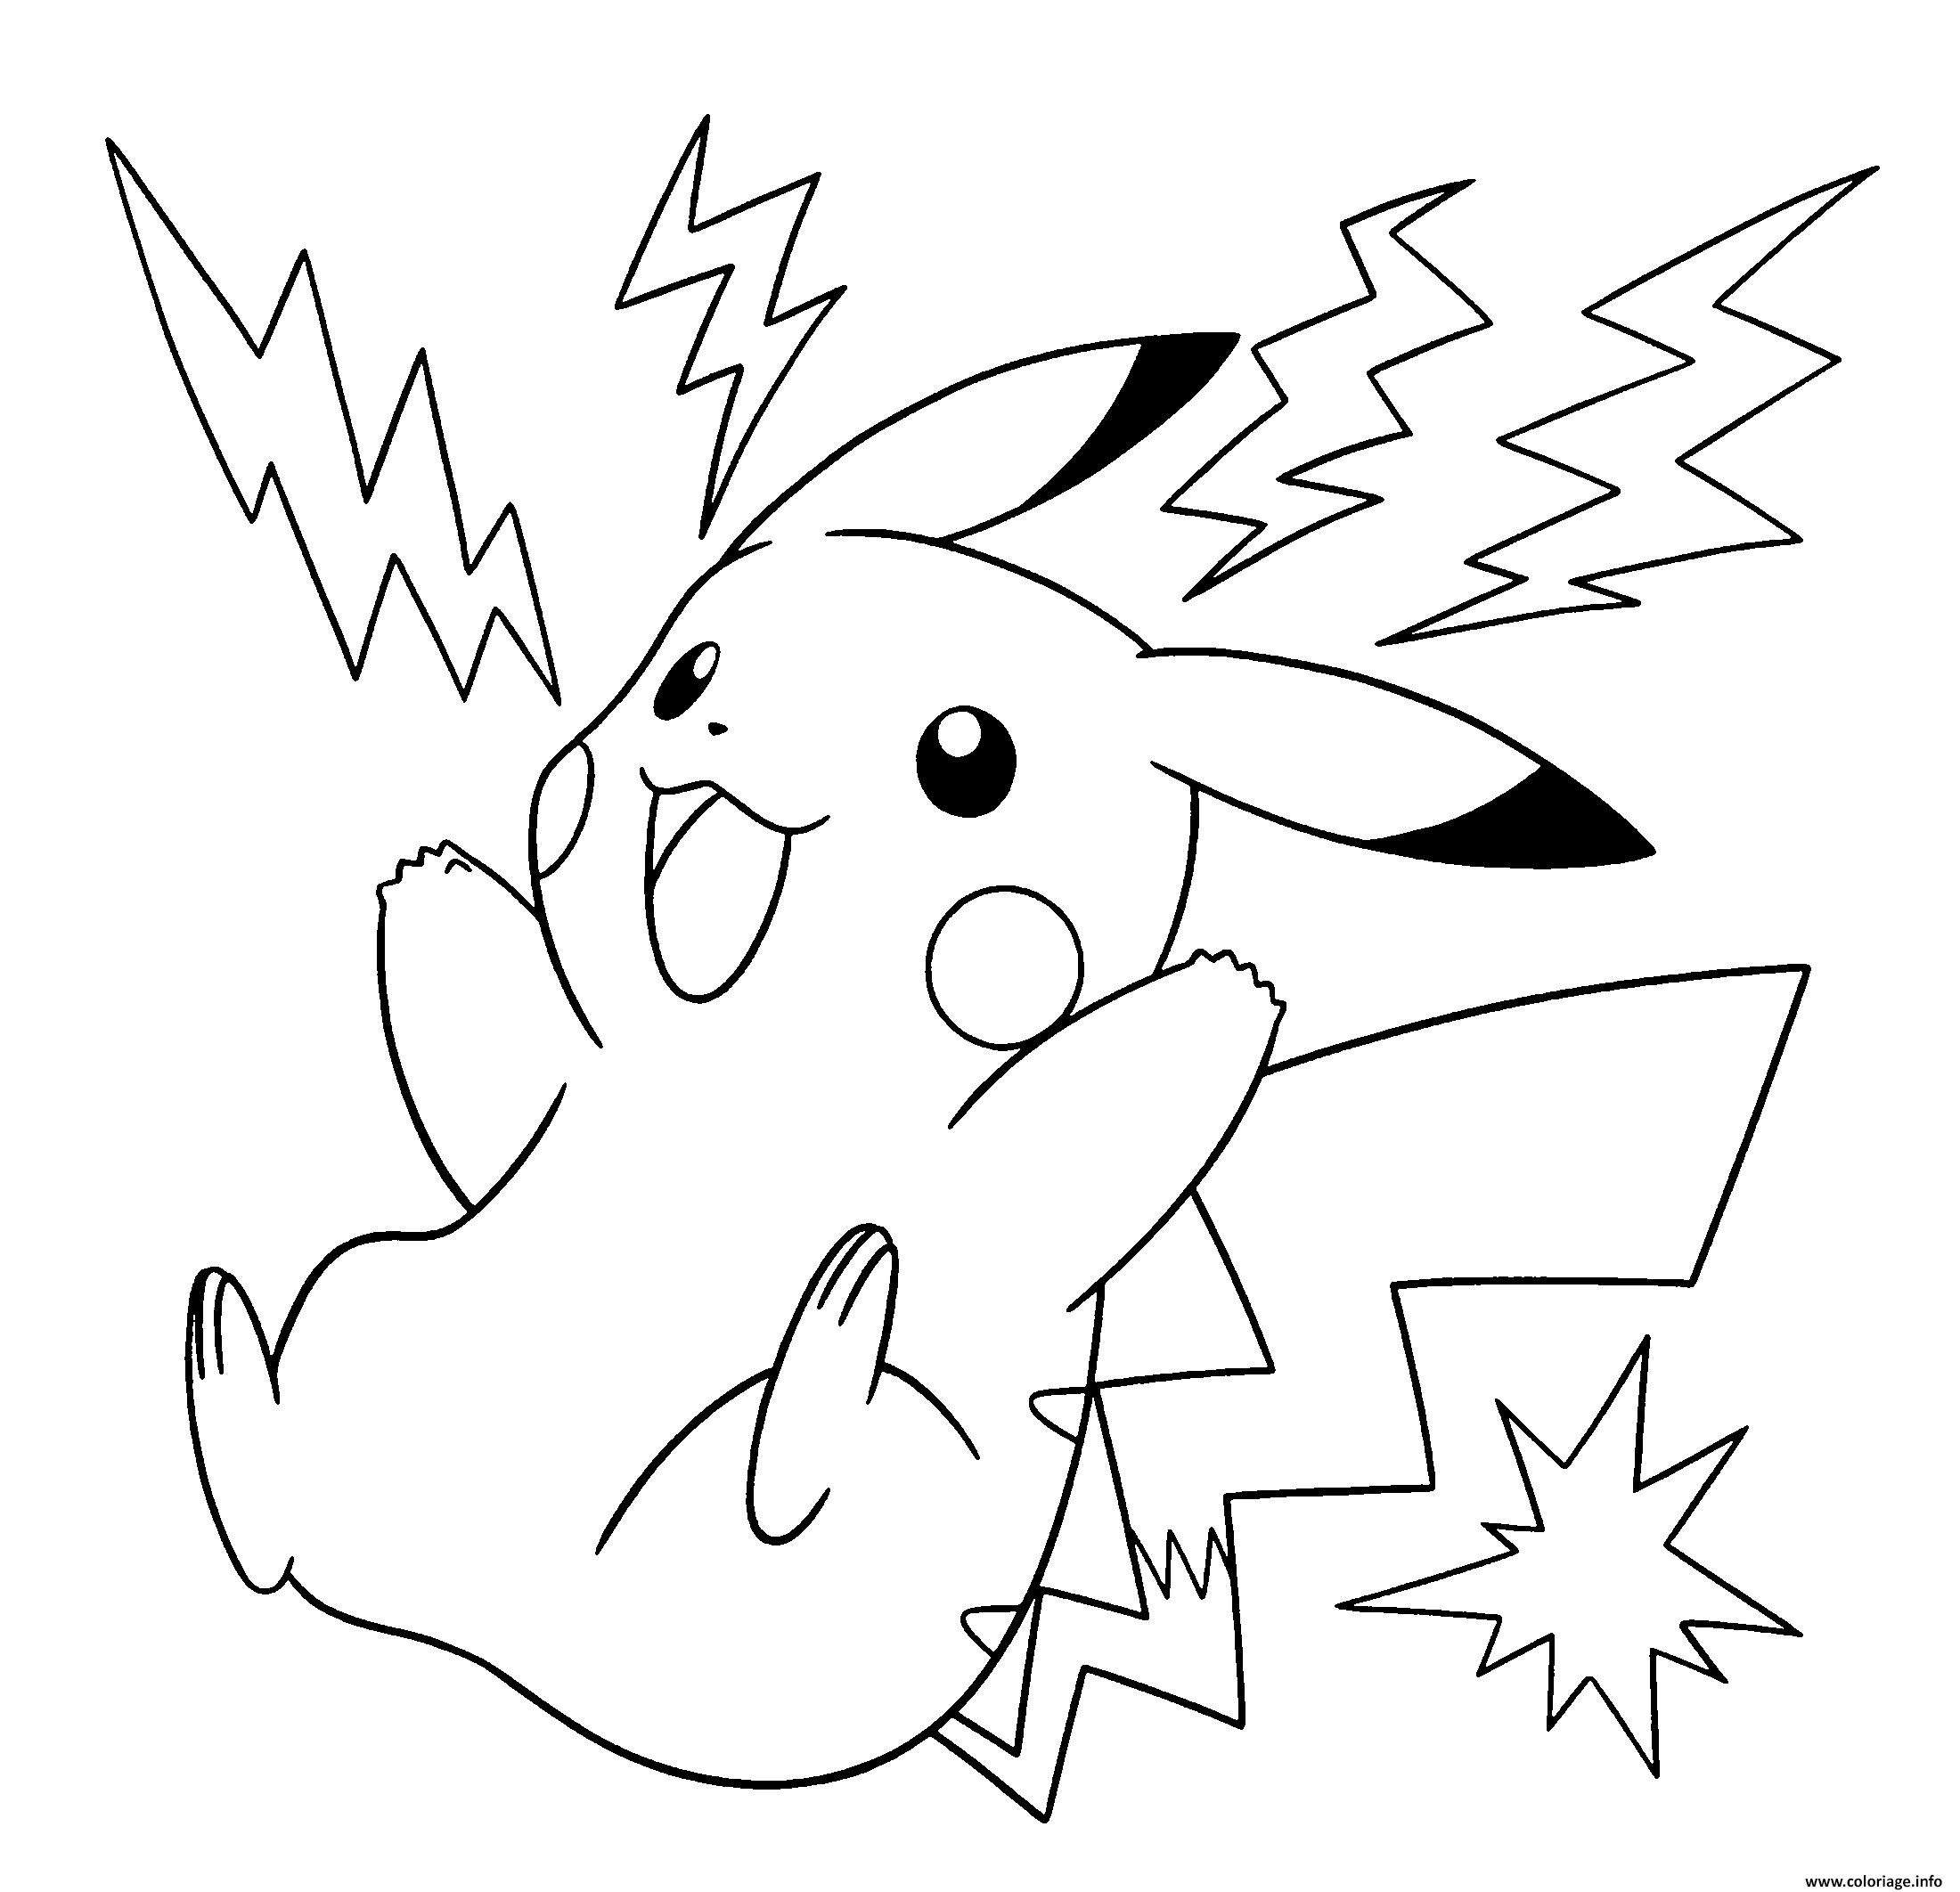 Frais Dessin A Colorier De Pikachu